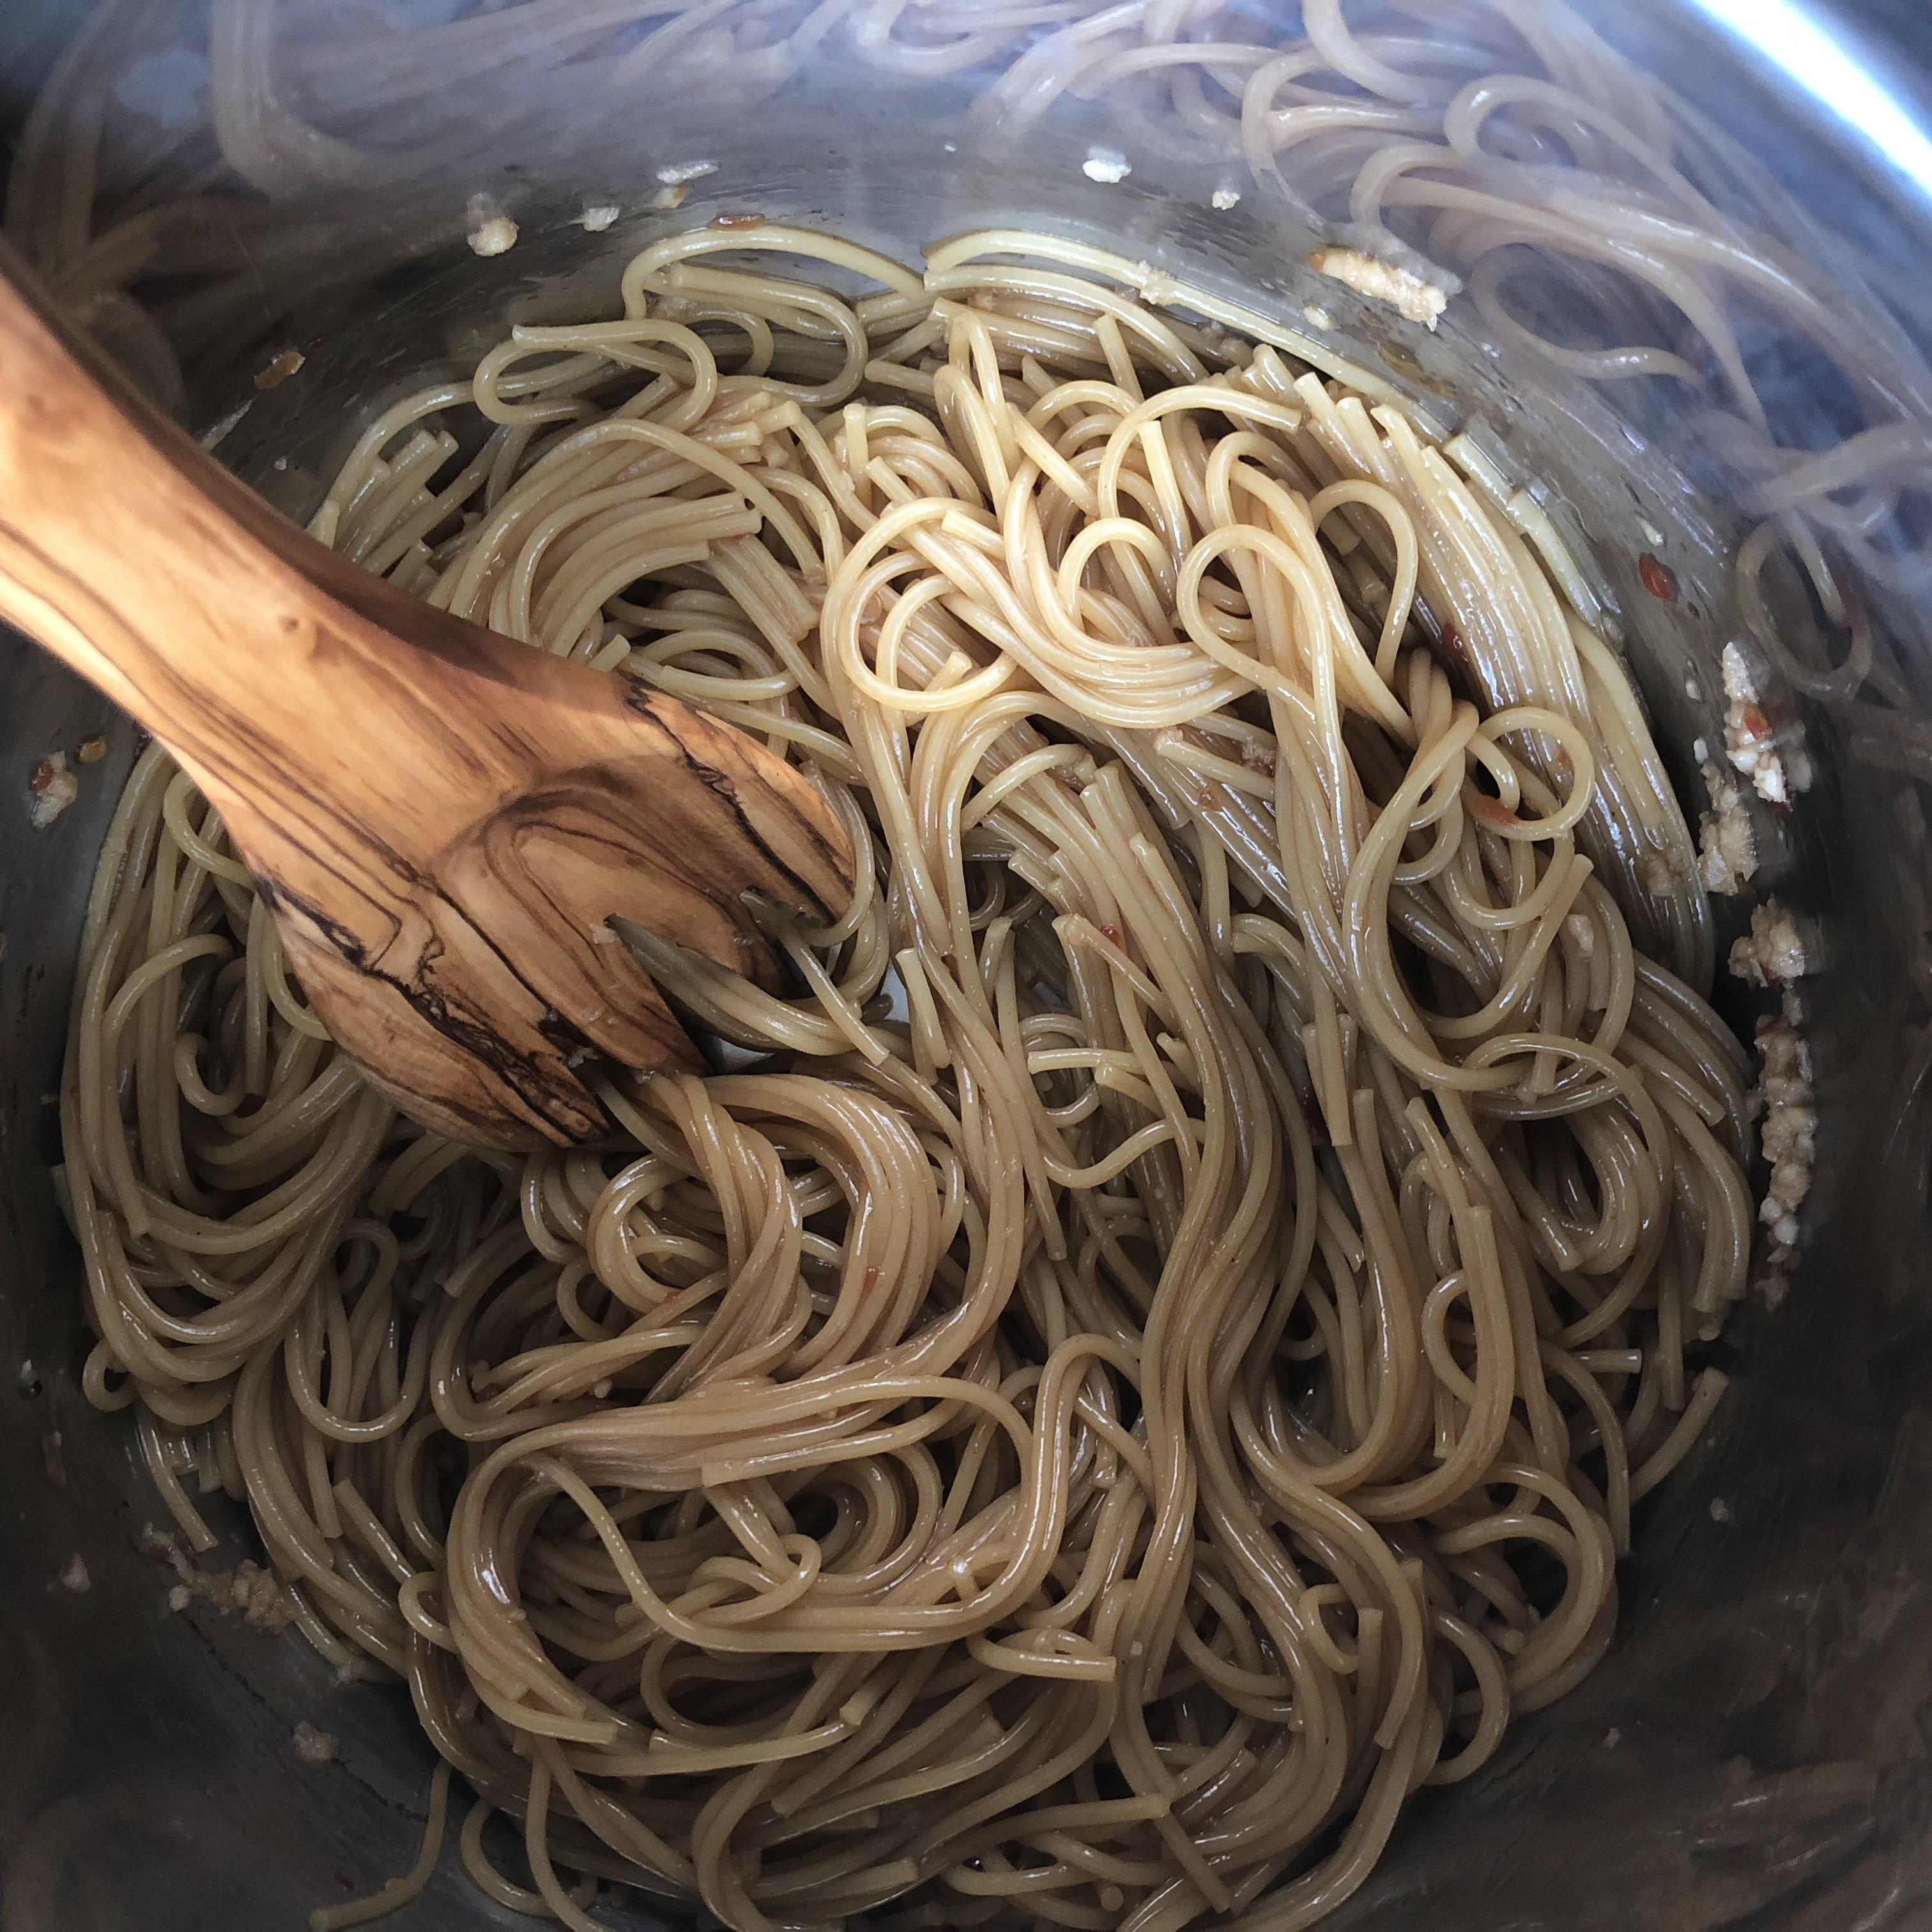 finished instant pot noodles